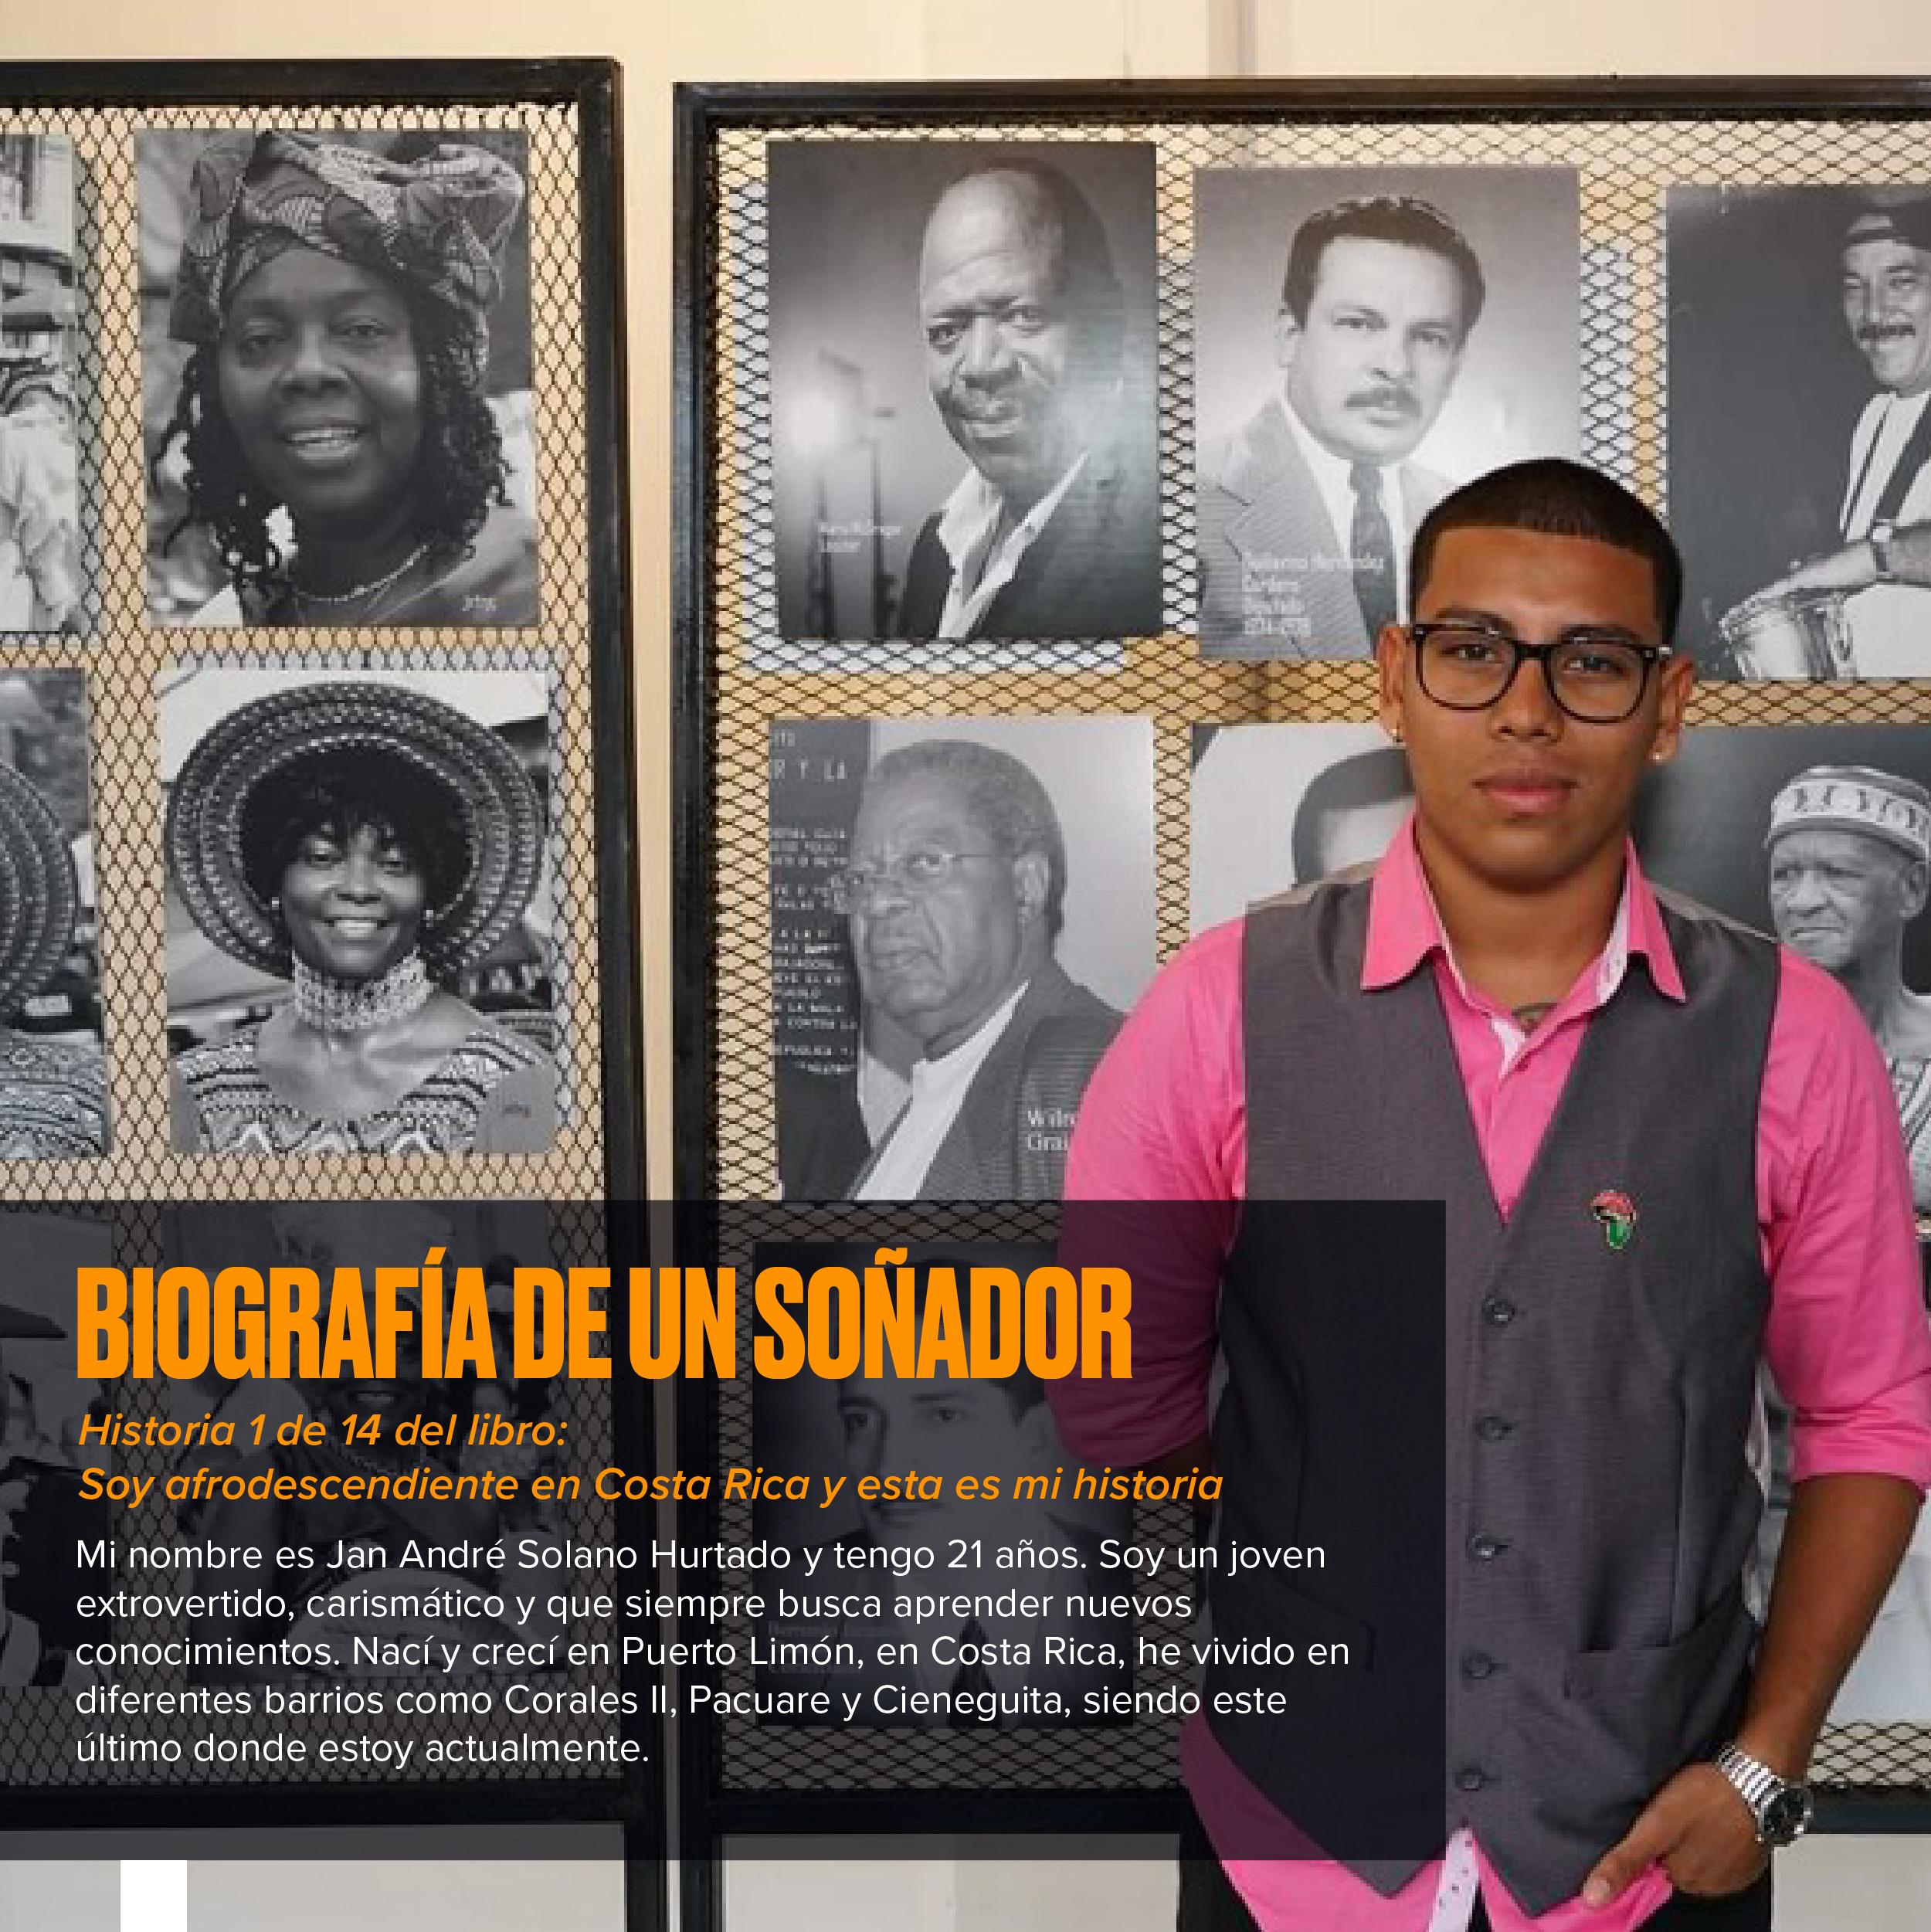 Biografía de un soñador: Historias afrodescendientes